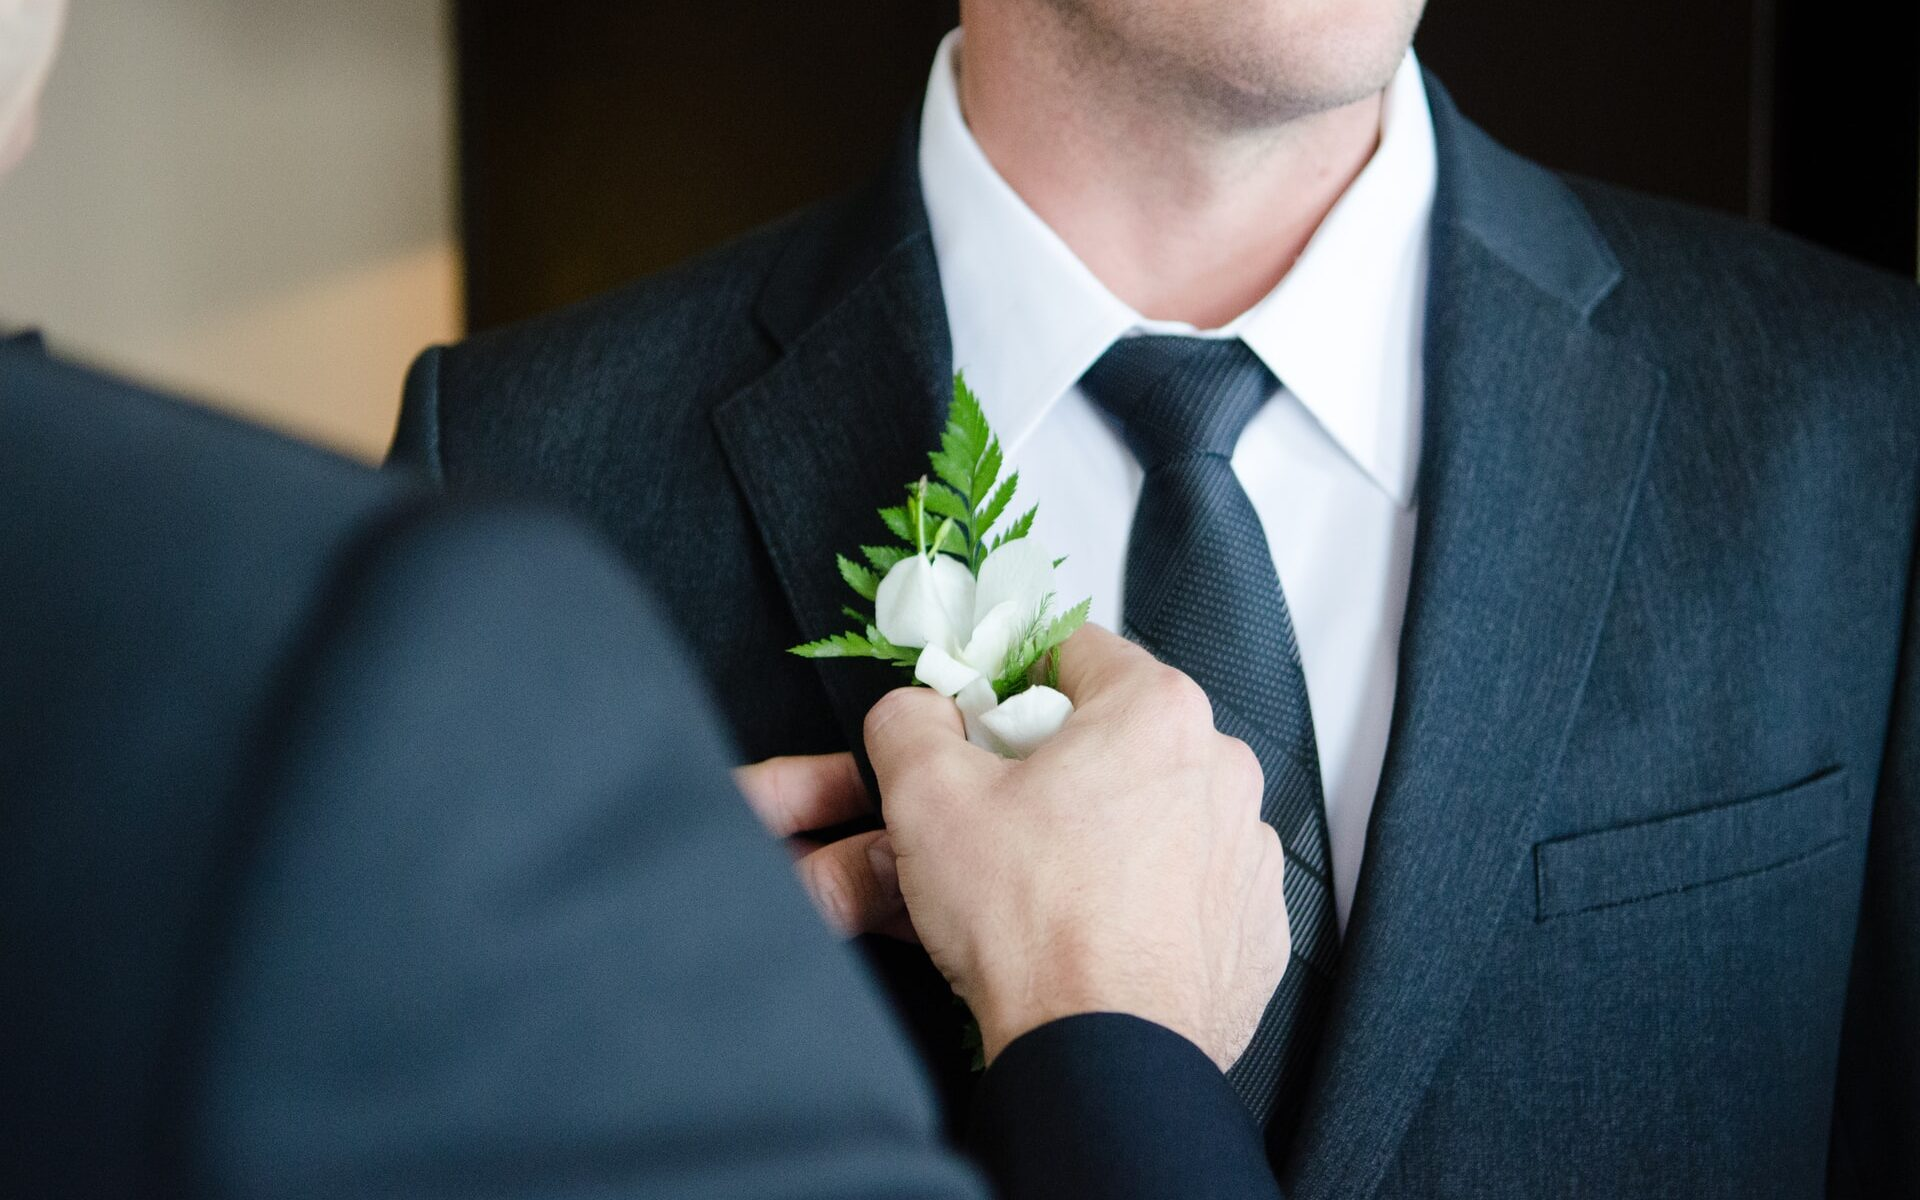 Mustan puvun rintapieleen pujotetaan kukkaa